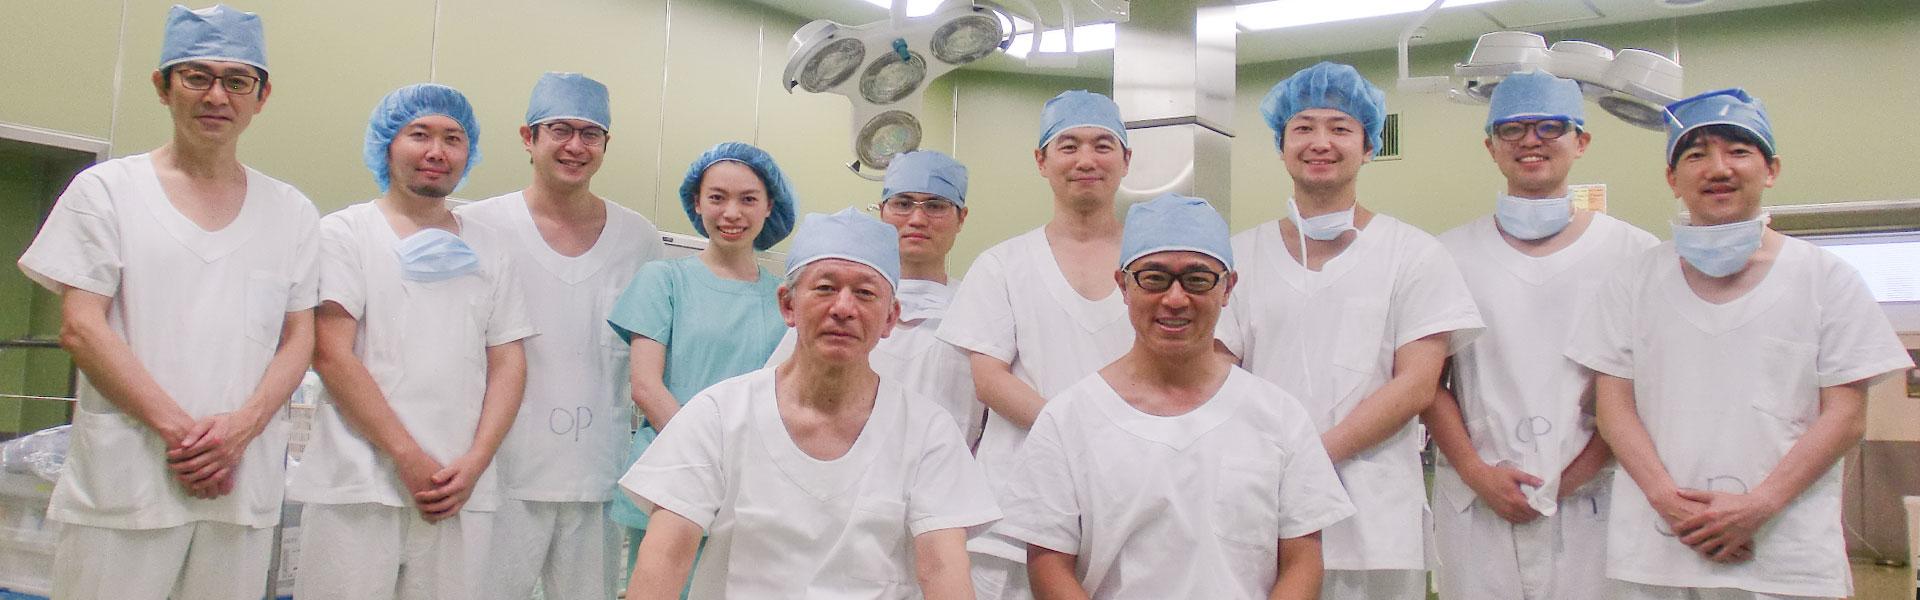 上部消化管外科 集合写真